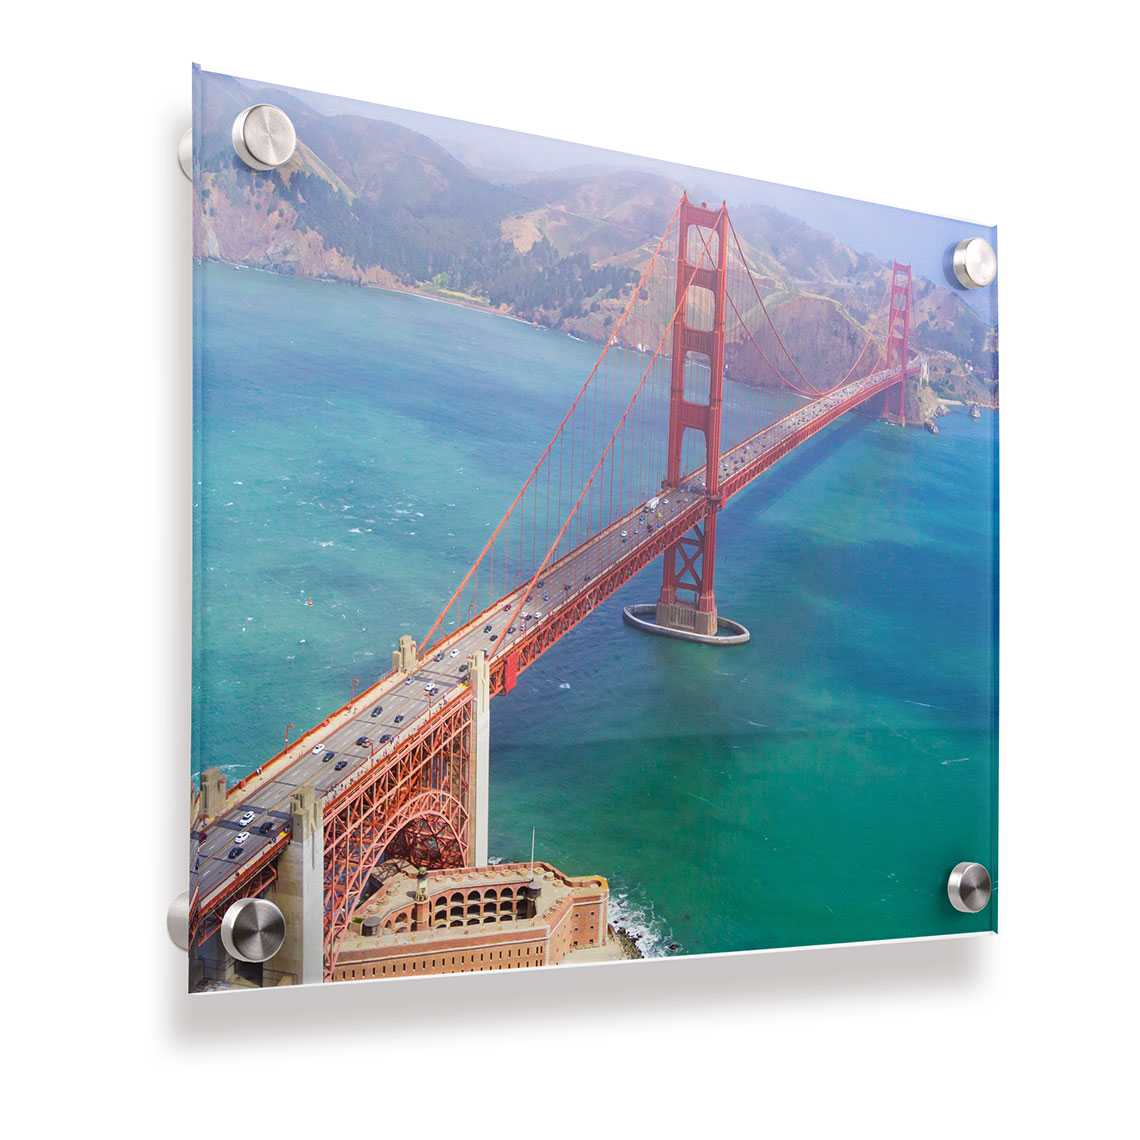 Acrylic Print, 16x20 | Acrylic Prints | Home Décor | Snapfish US